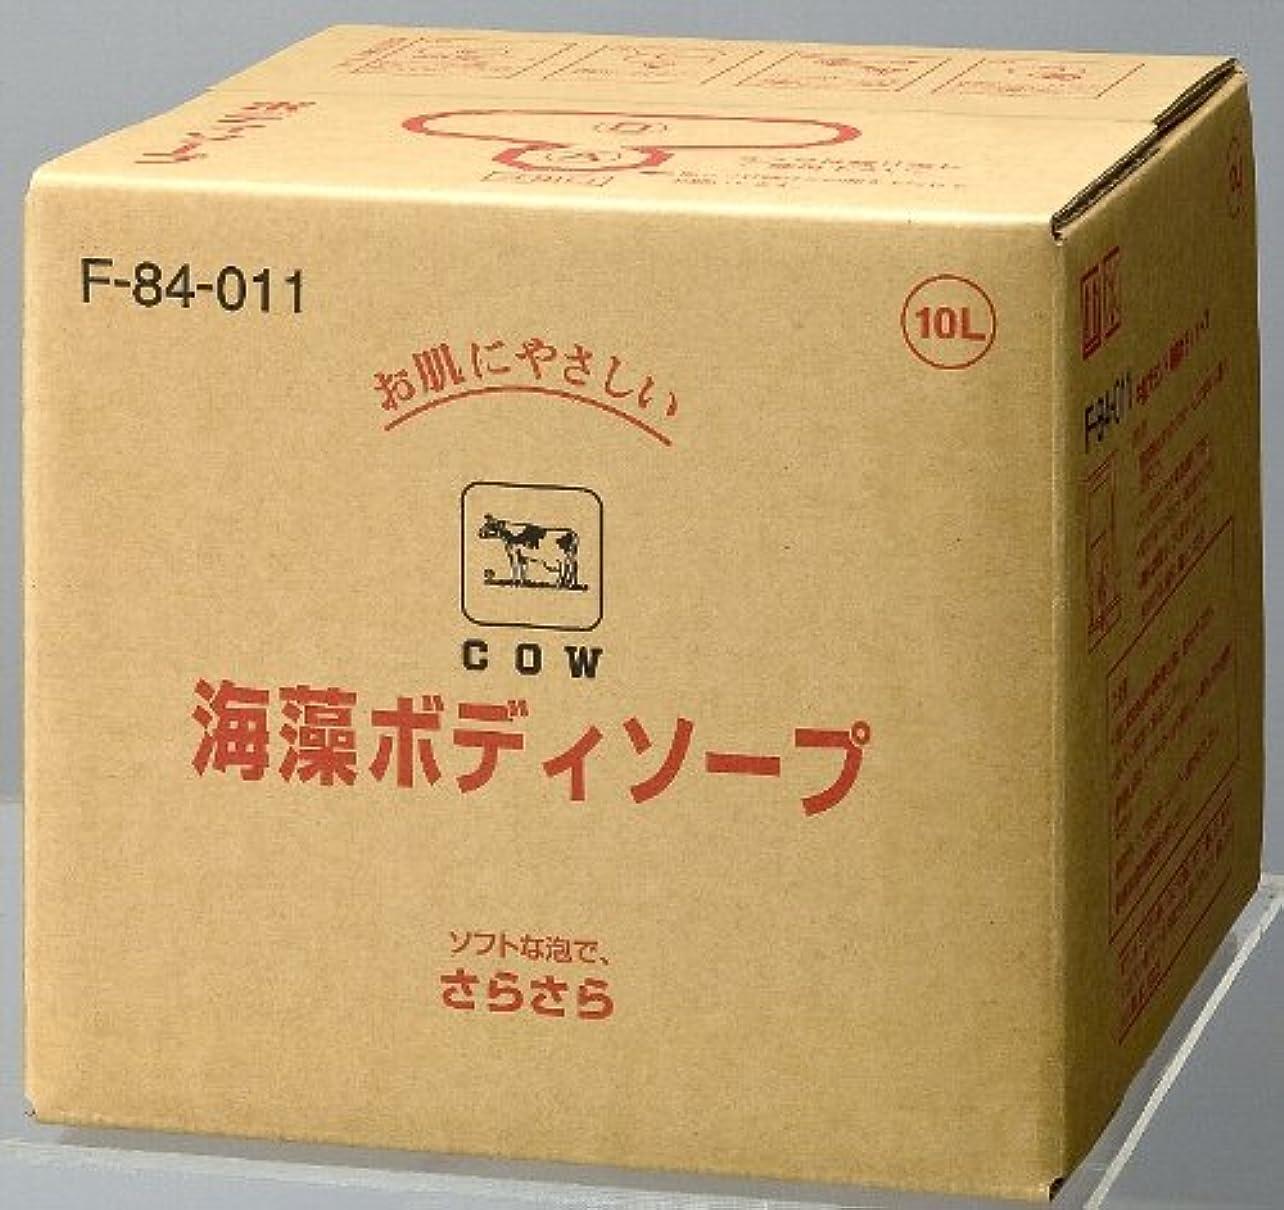 昇進トロリースクリーチ【業務用】カウブランド海藻ボディソープ 10L